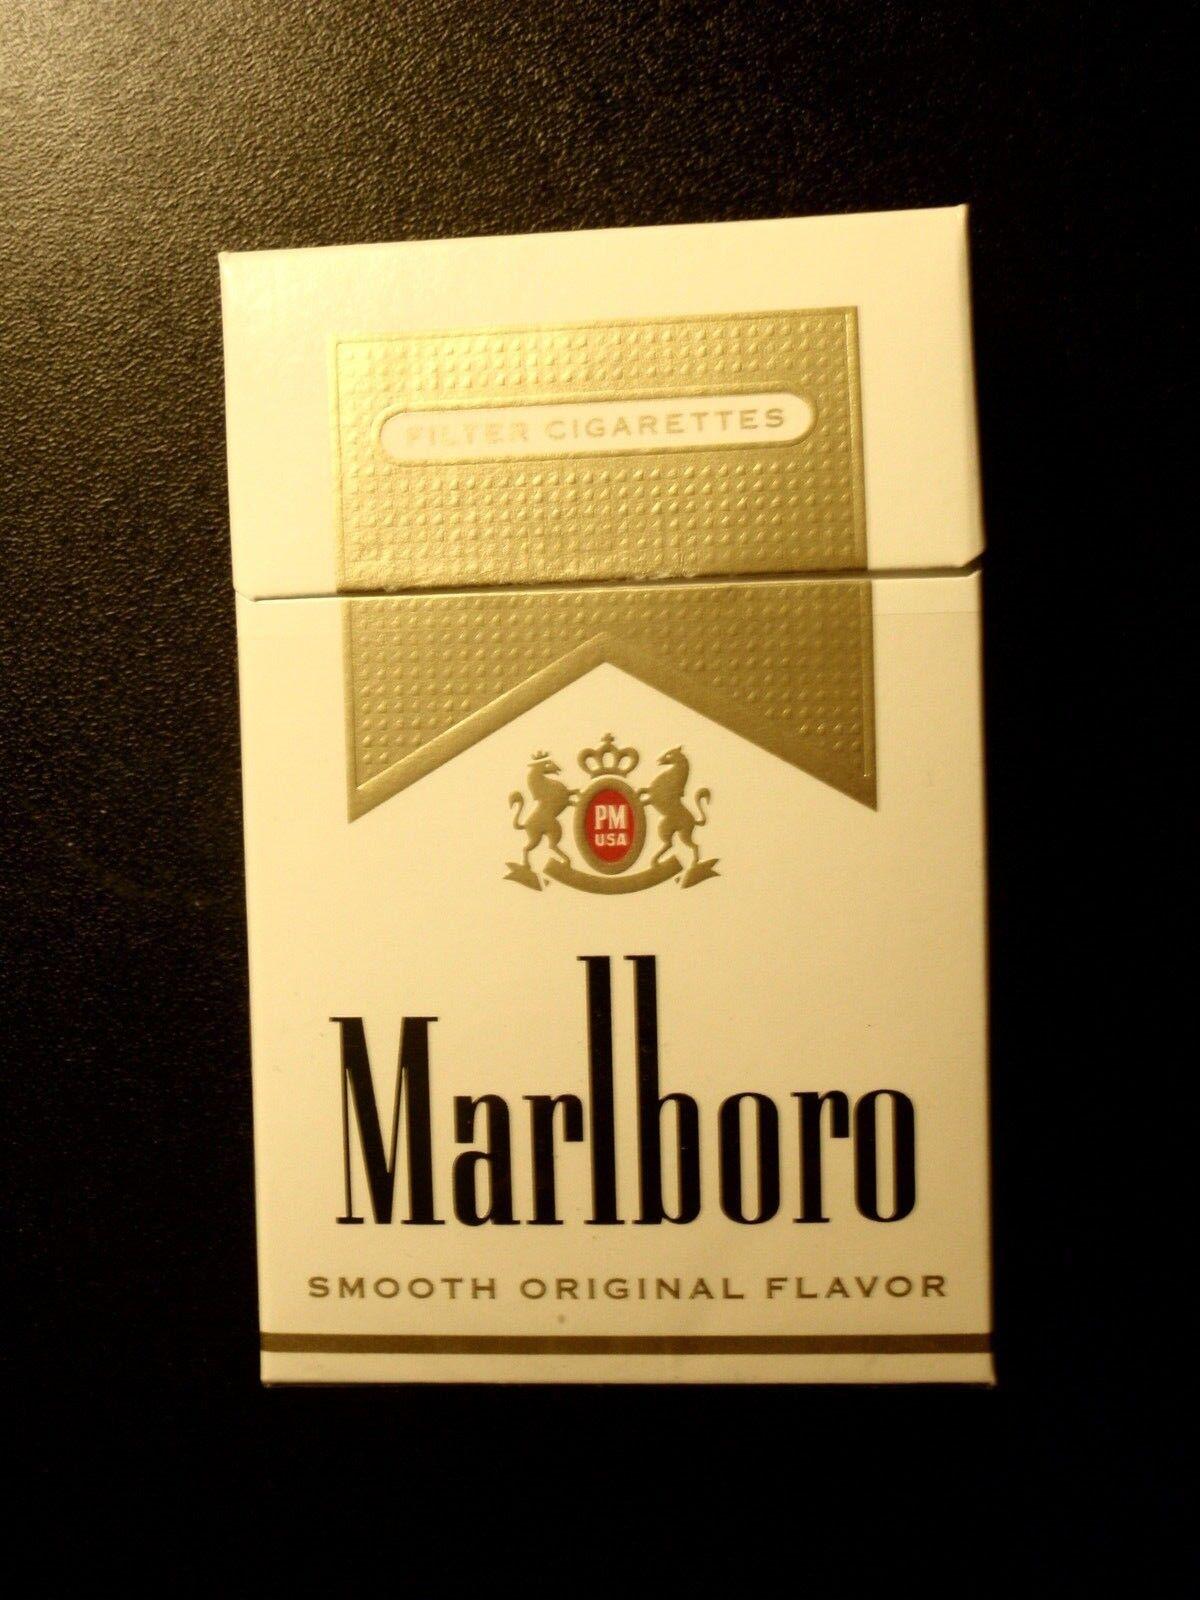 что самое мальборо все виды сигарет фото одно